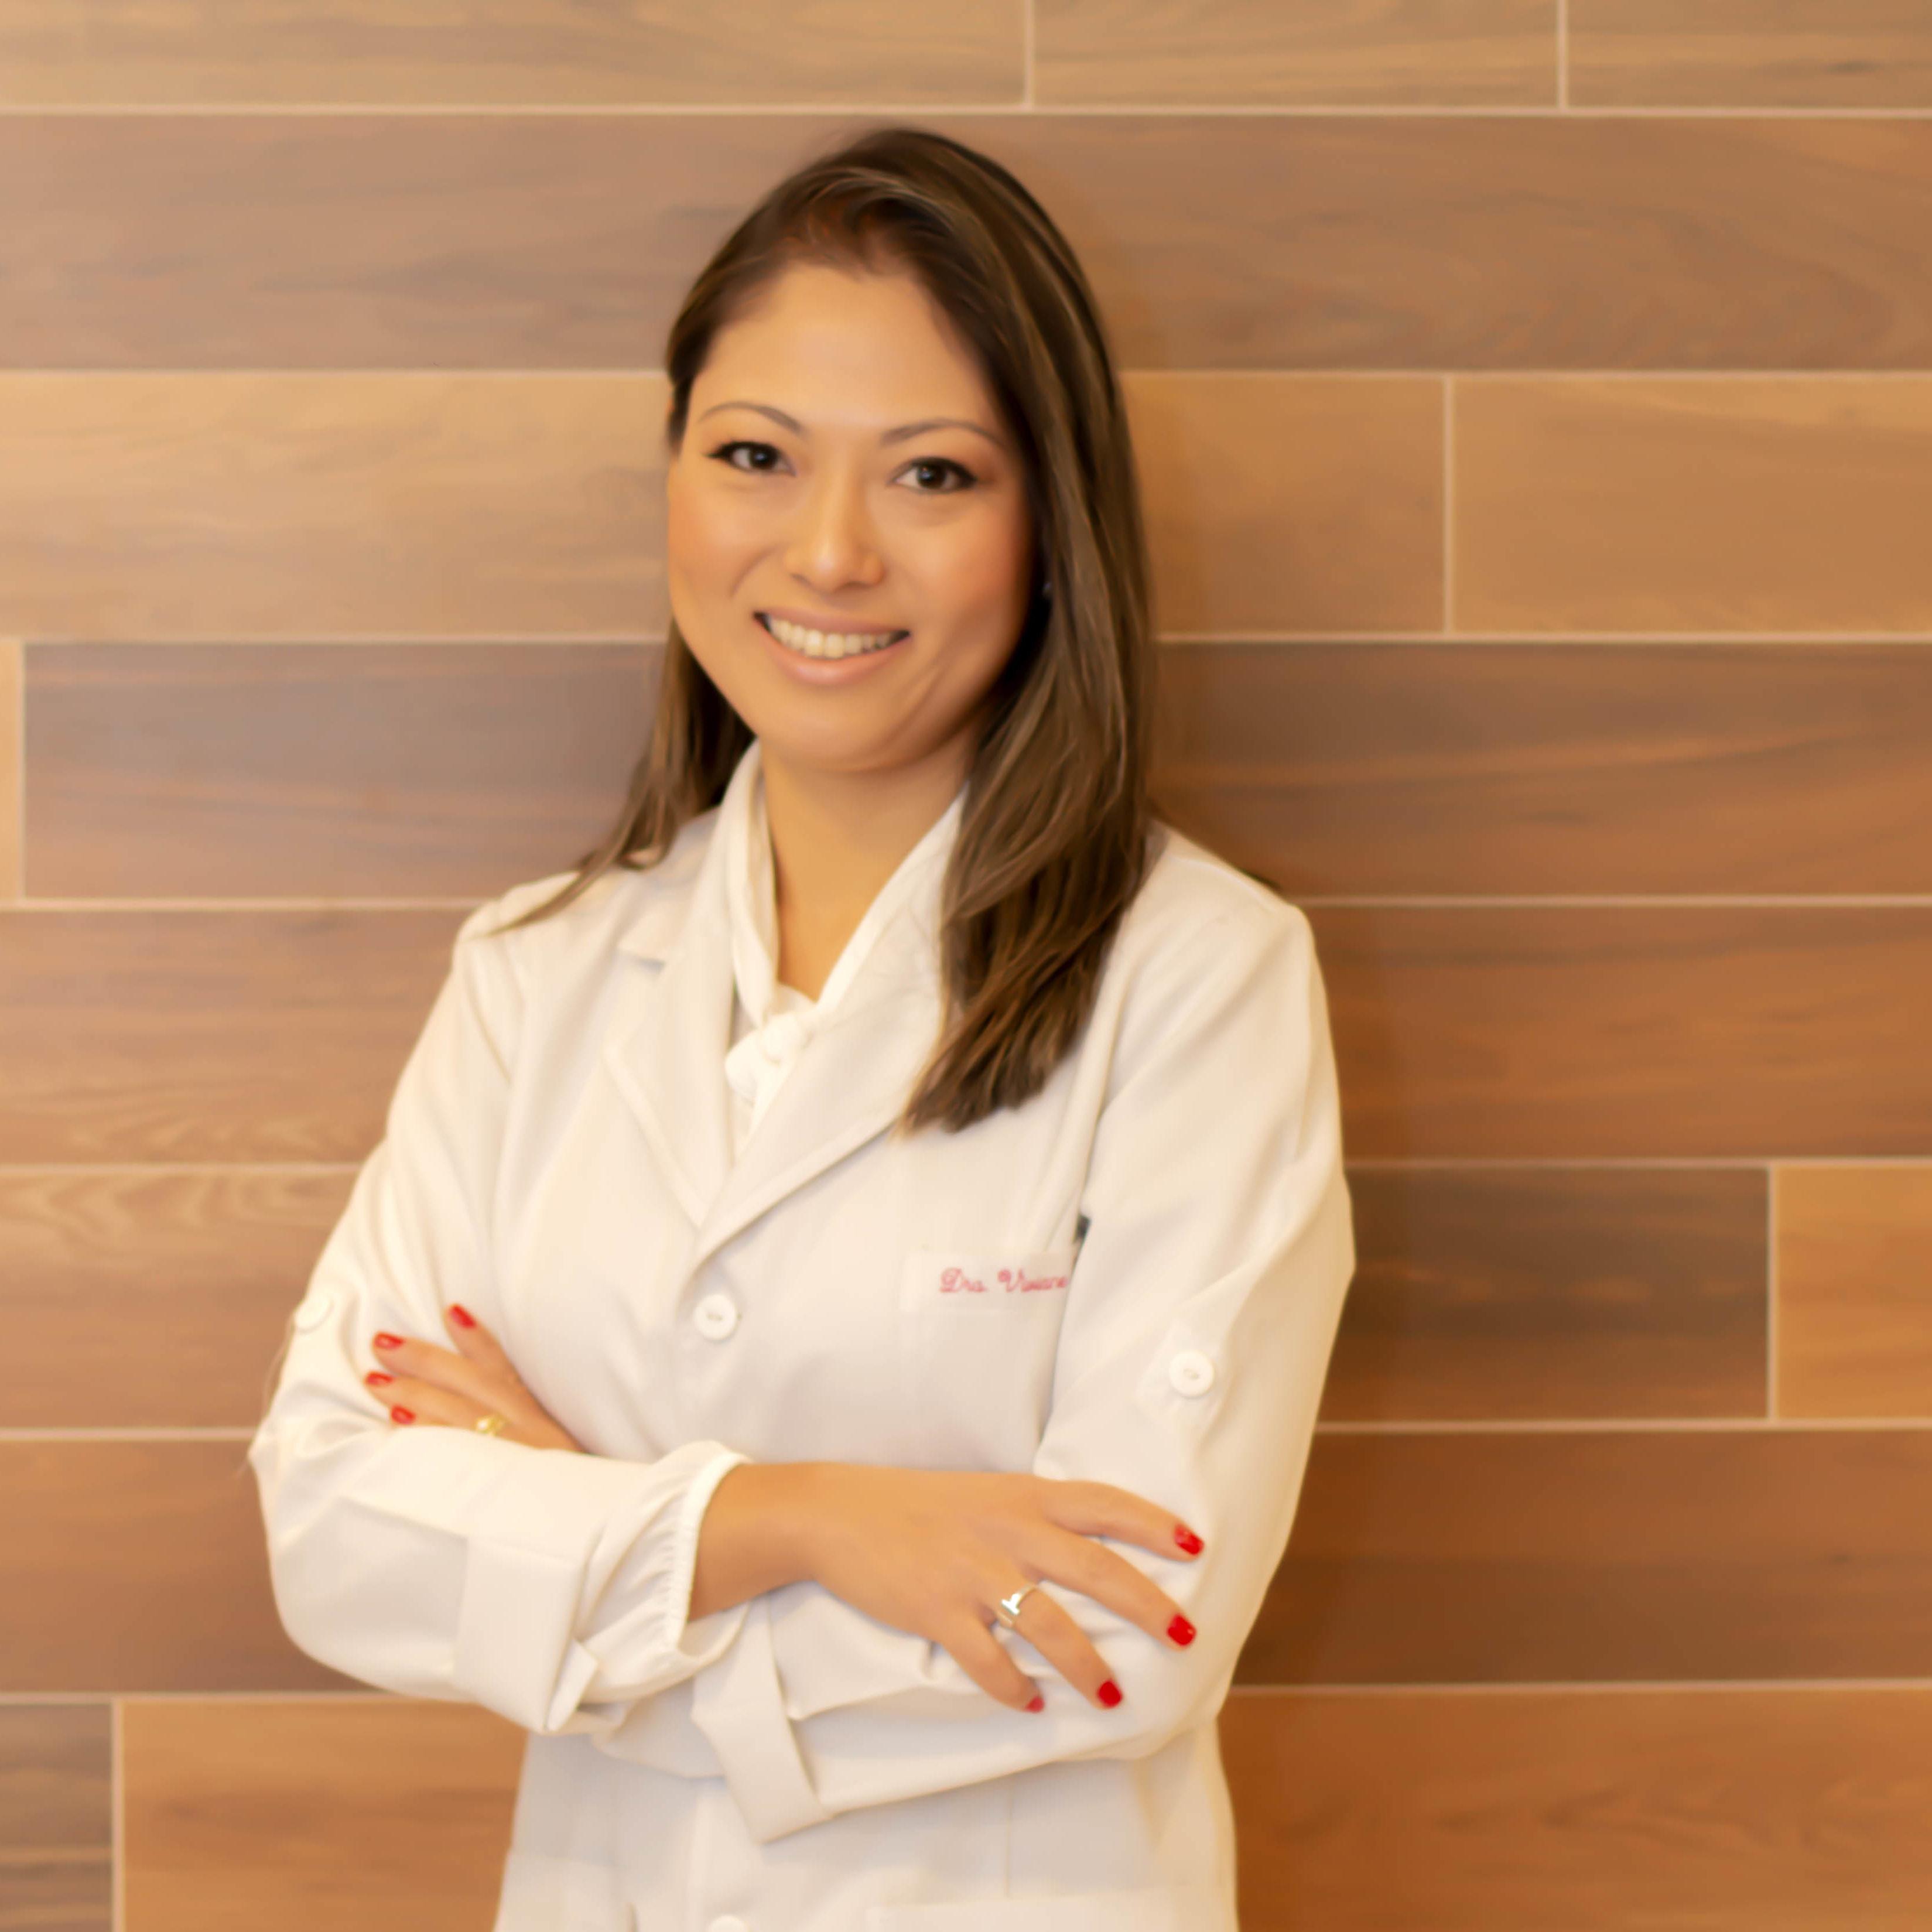 Dra. Viviane Kohatsu Hoda